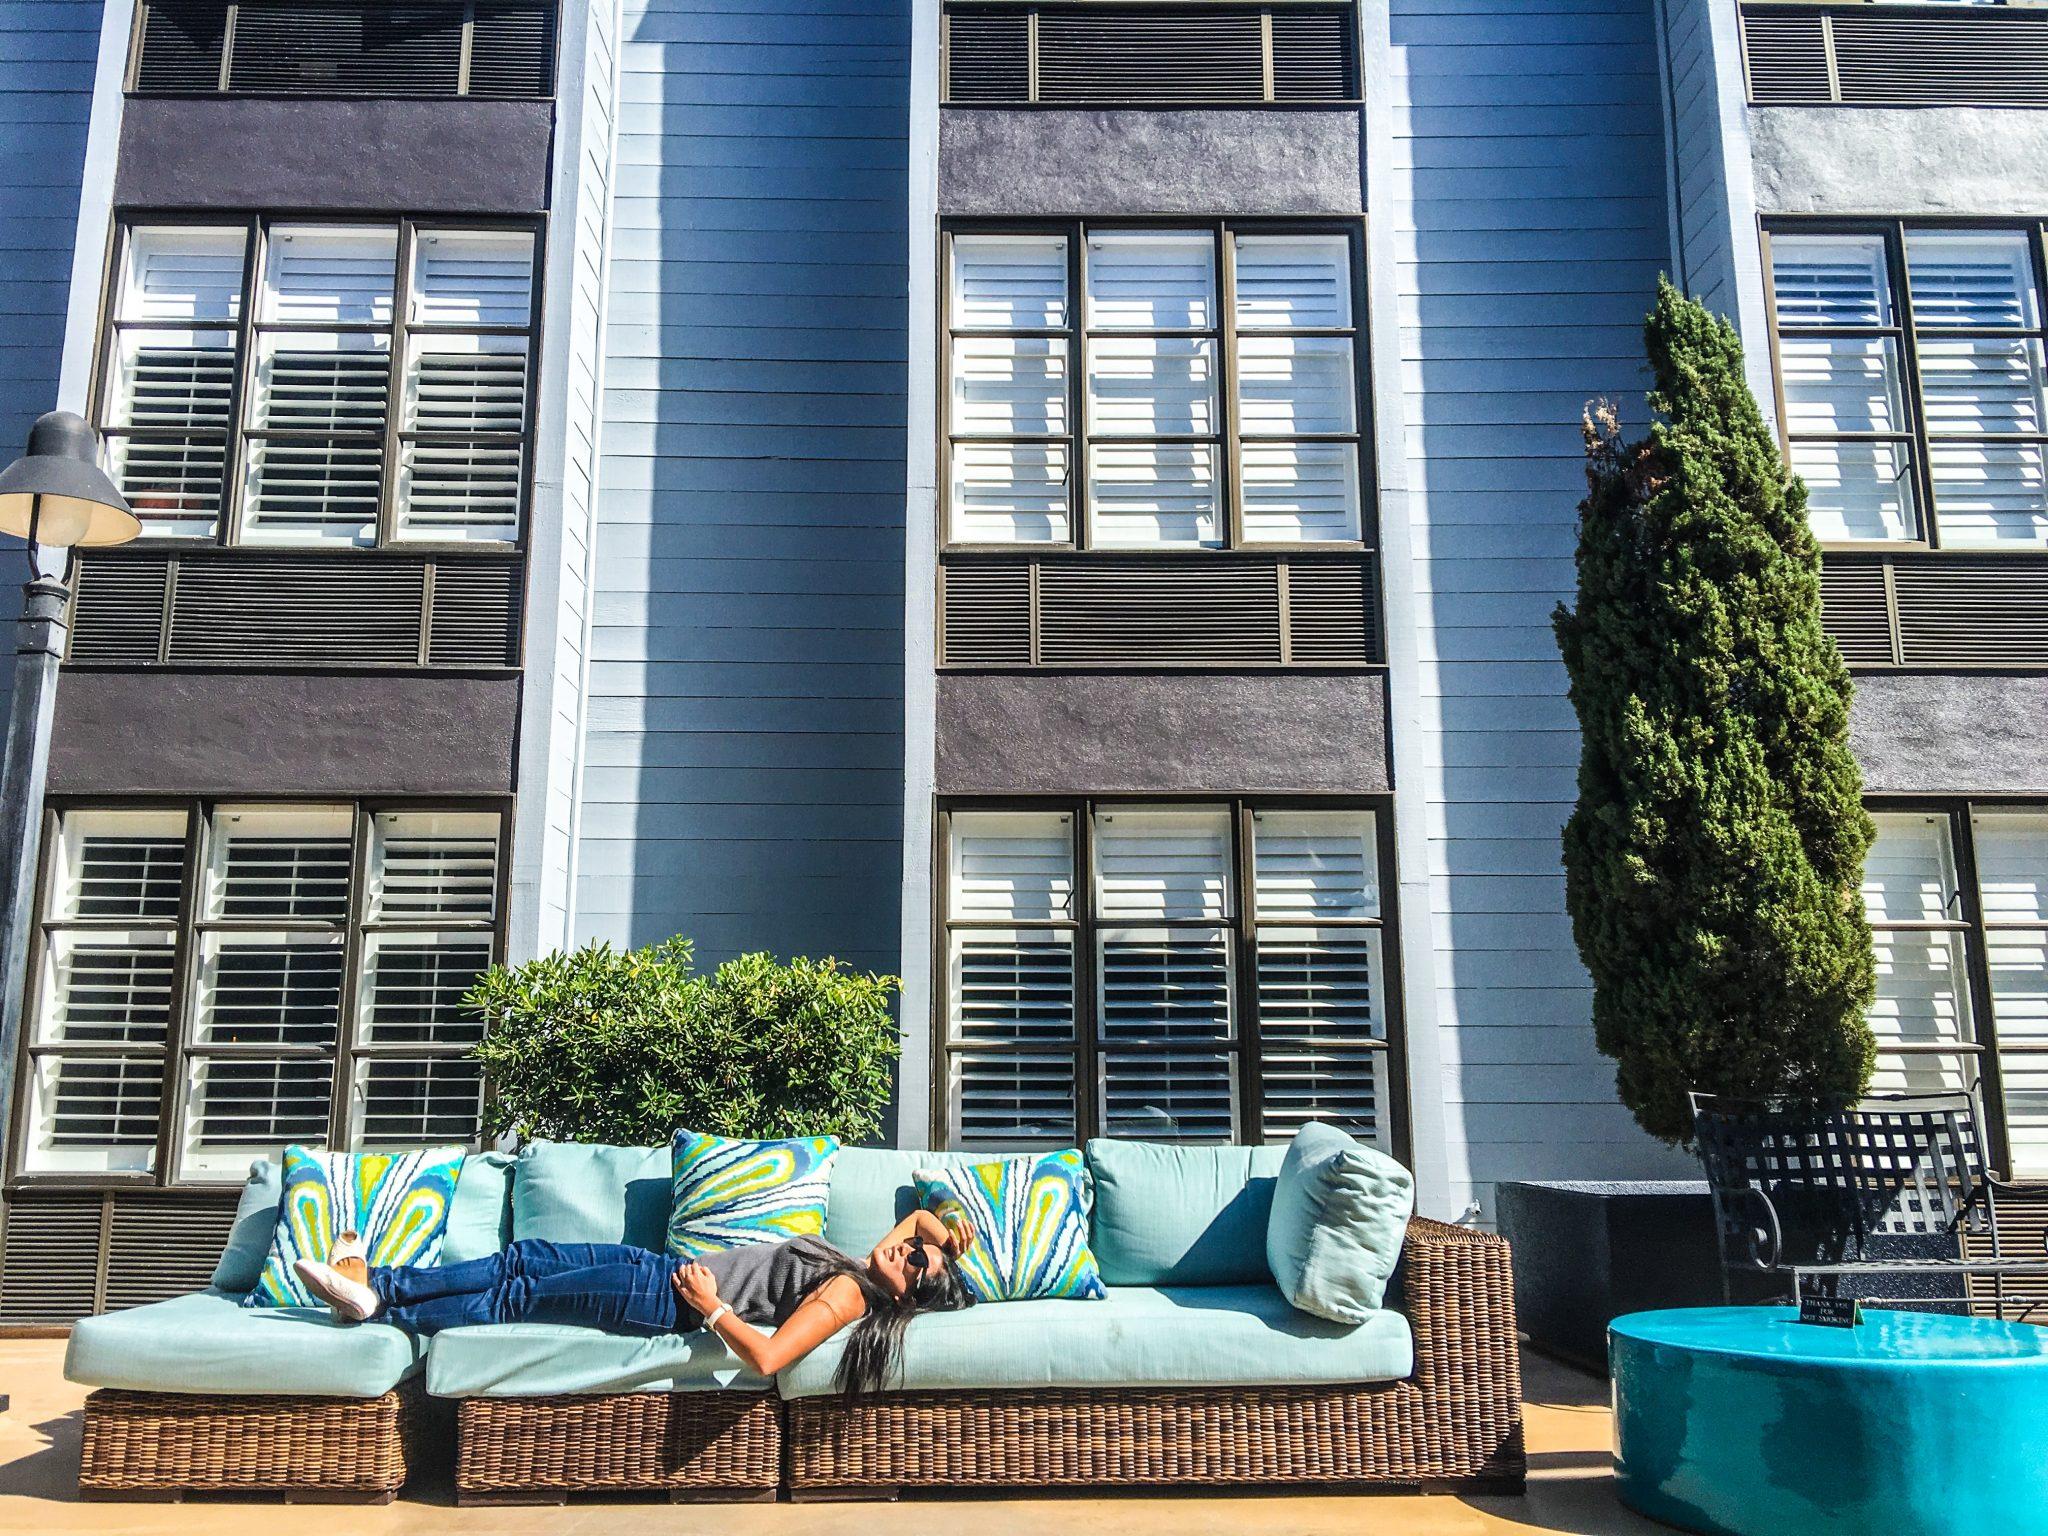 Pier 2620 Courtyard